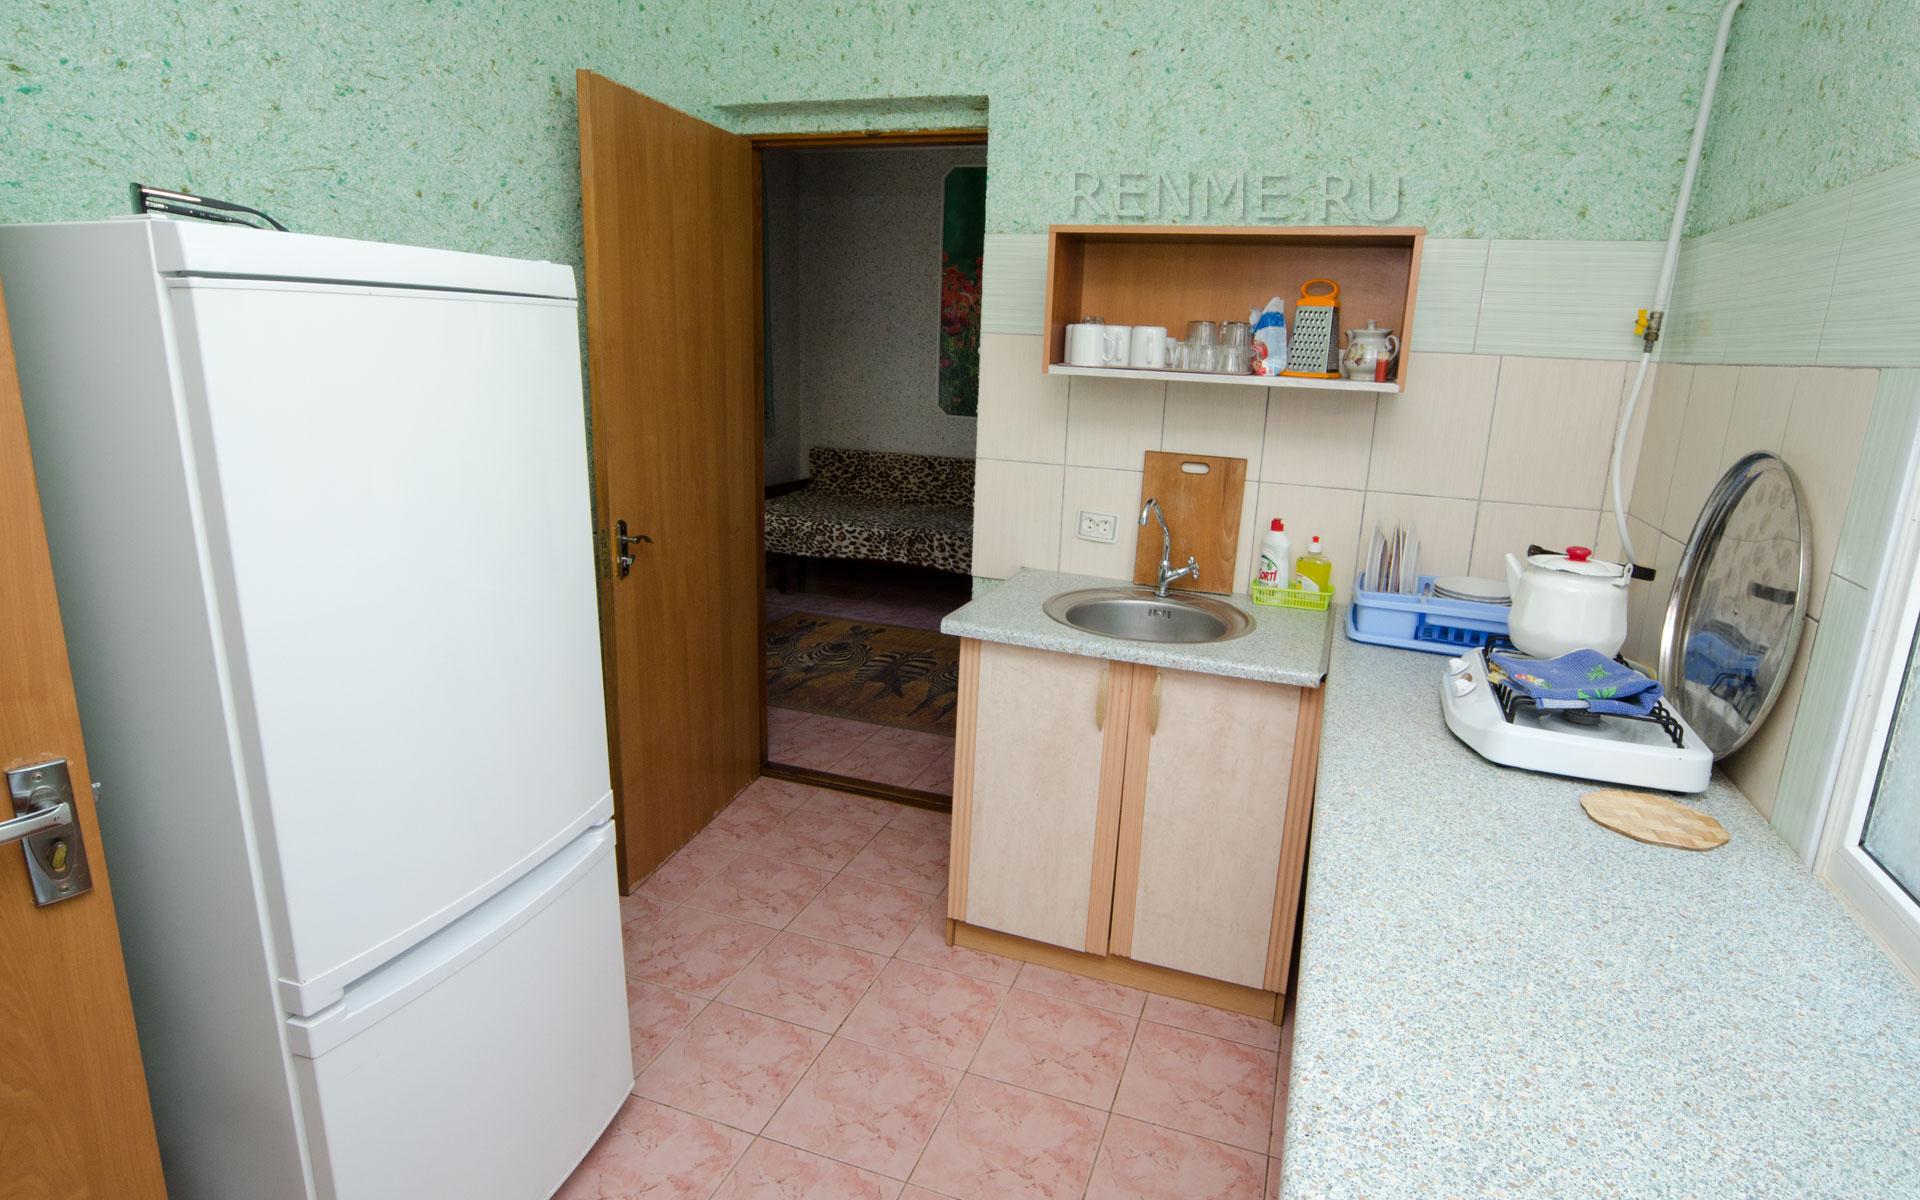 Своя, оборудованная кухня. Двухкомнатная  квартира. Апарт-отель на 8 квартир. Заозёрное